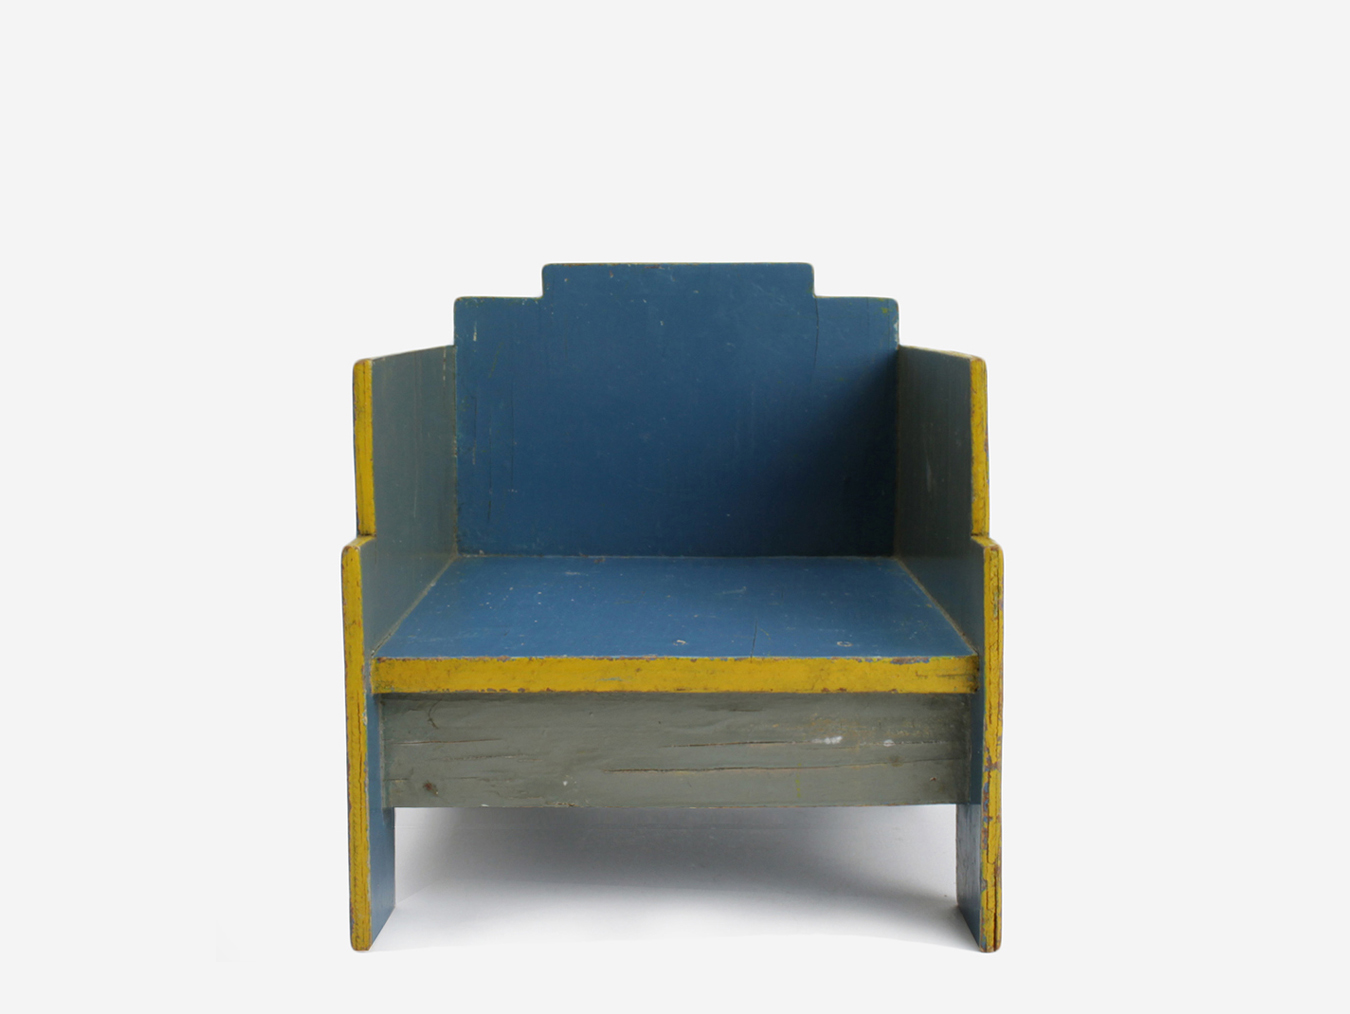 ko verzuu meubel de curiositeiten van larry. Black Bedroom Furniture Sets. Home Design Ideas